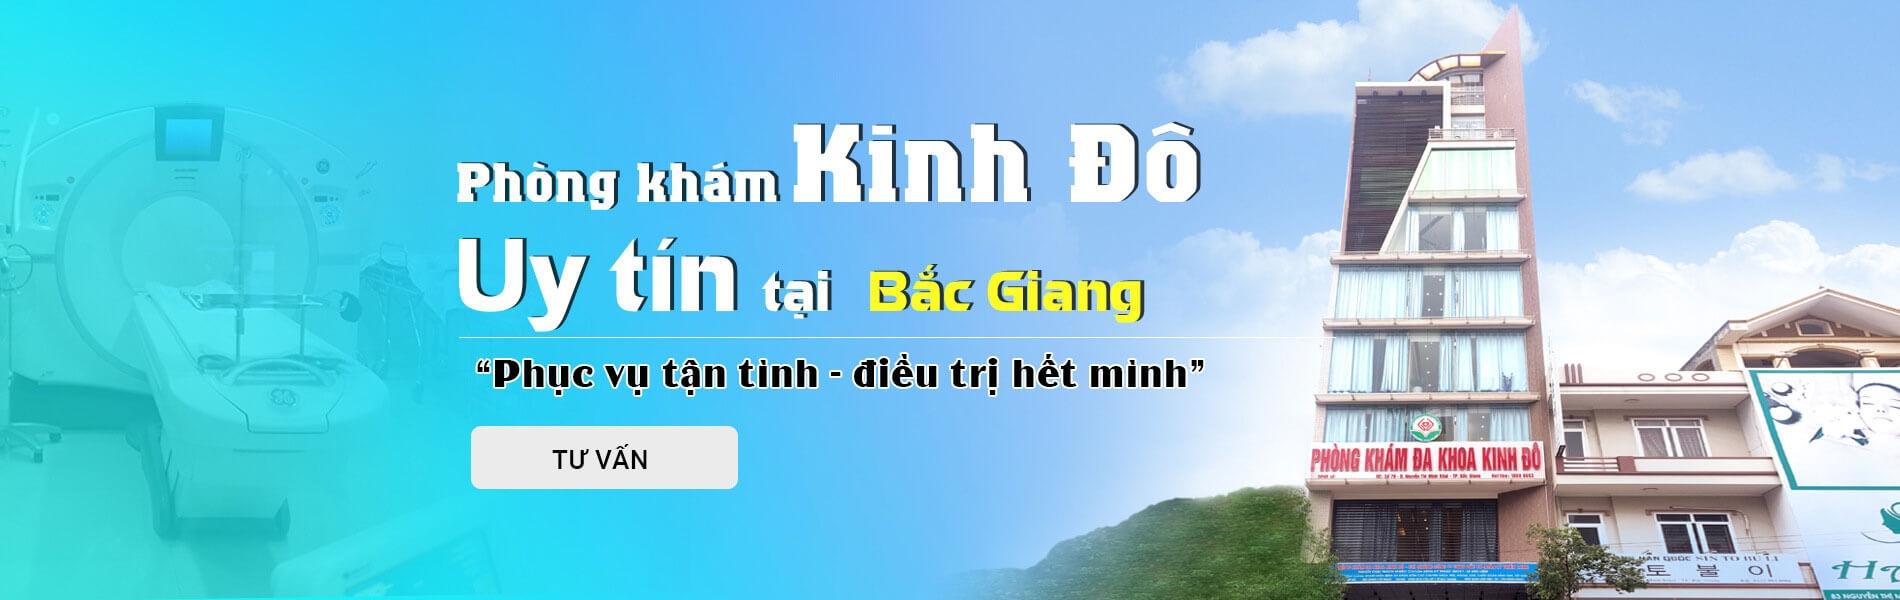 Phòng Khám Kinh Đô (@phongkhamkinhdo) Cover Image